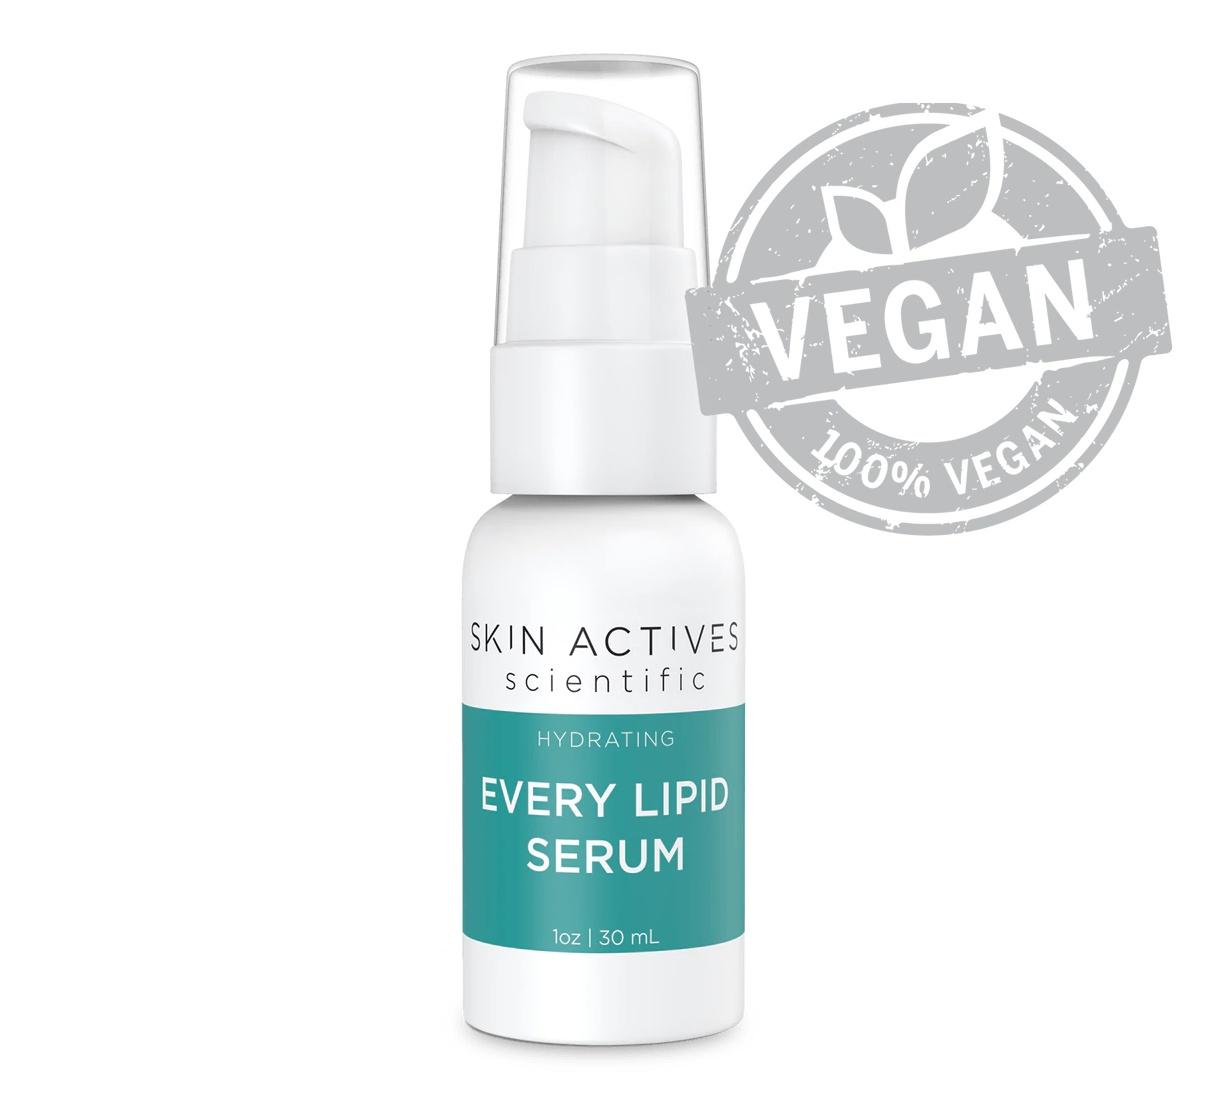 Skin Actives Every Lipid Serum - Vegan